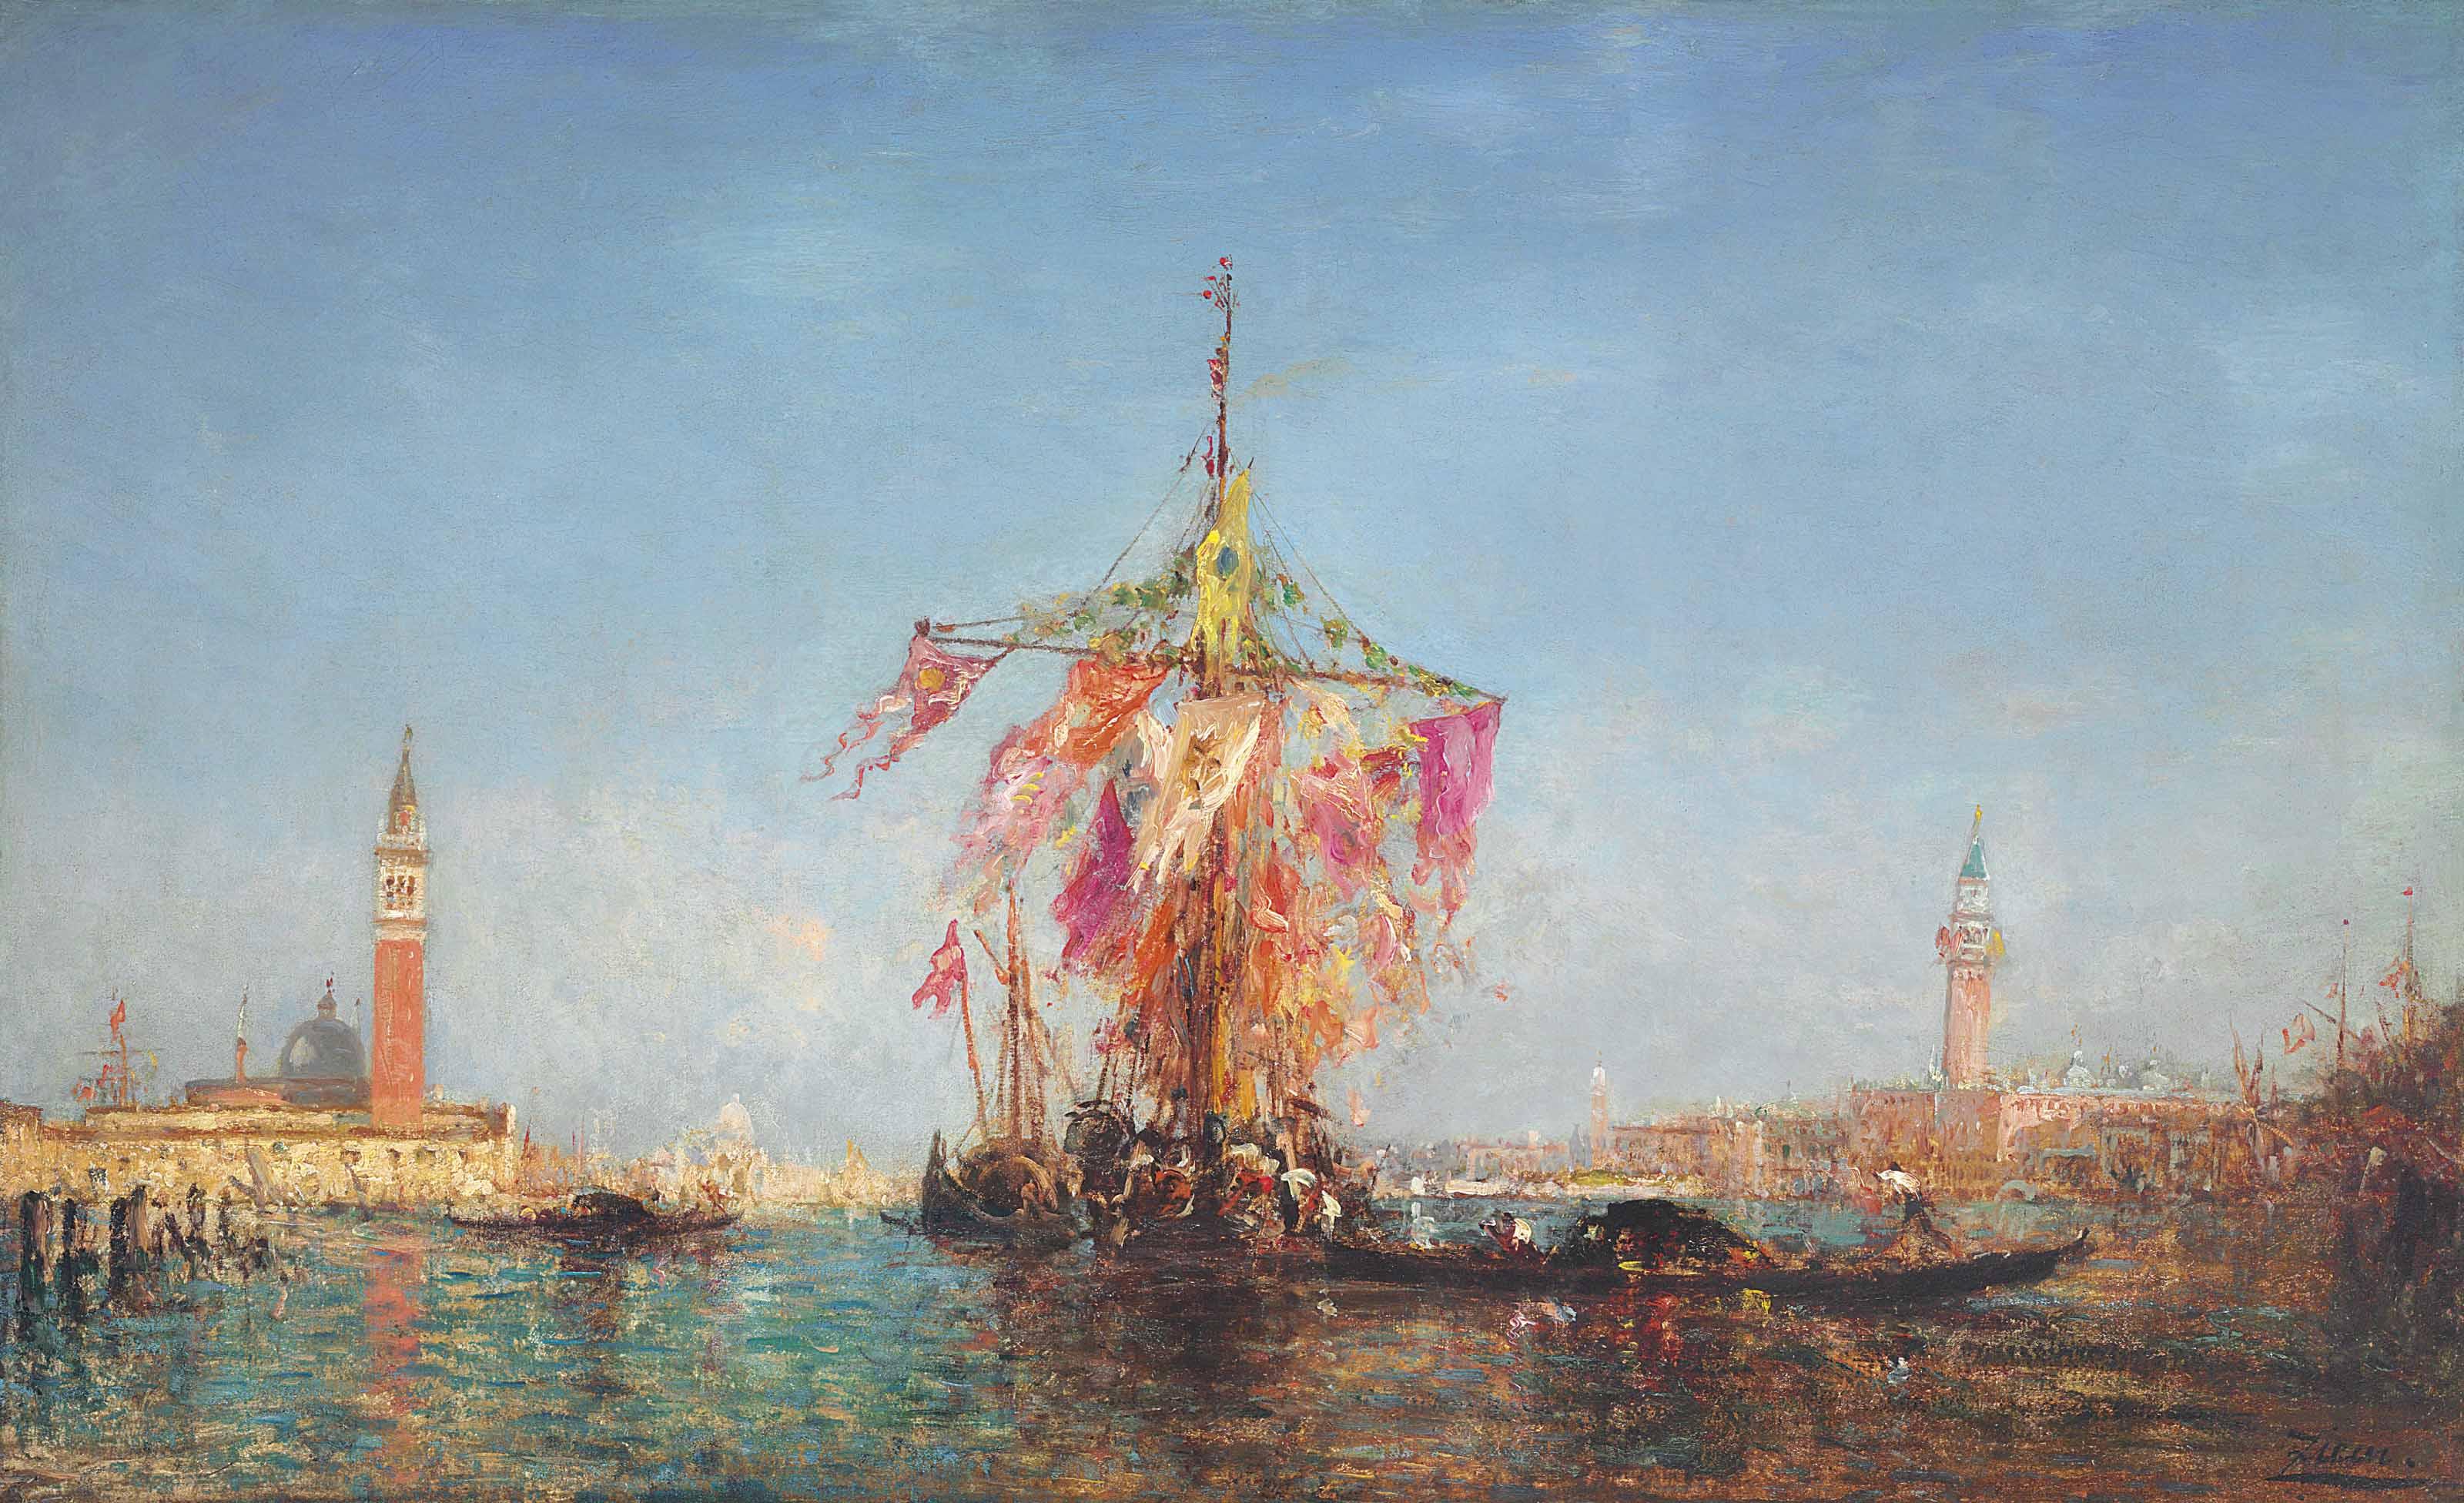 Bateau pavoisé sur le bassin, Venise